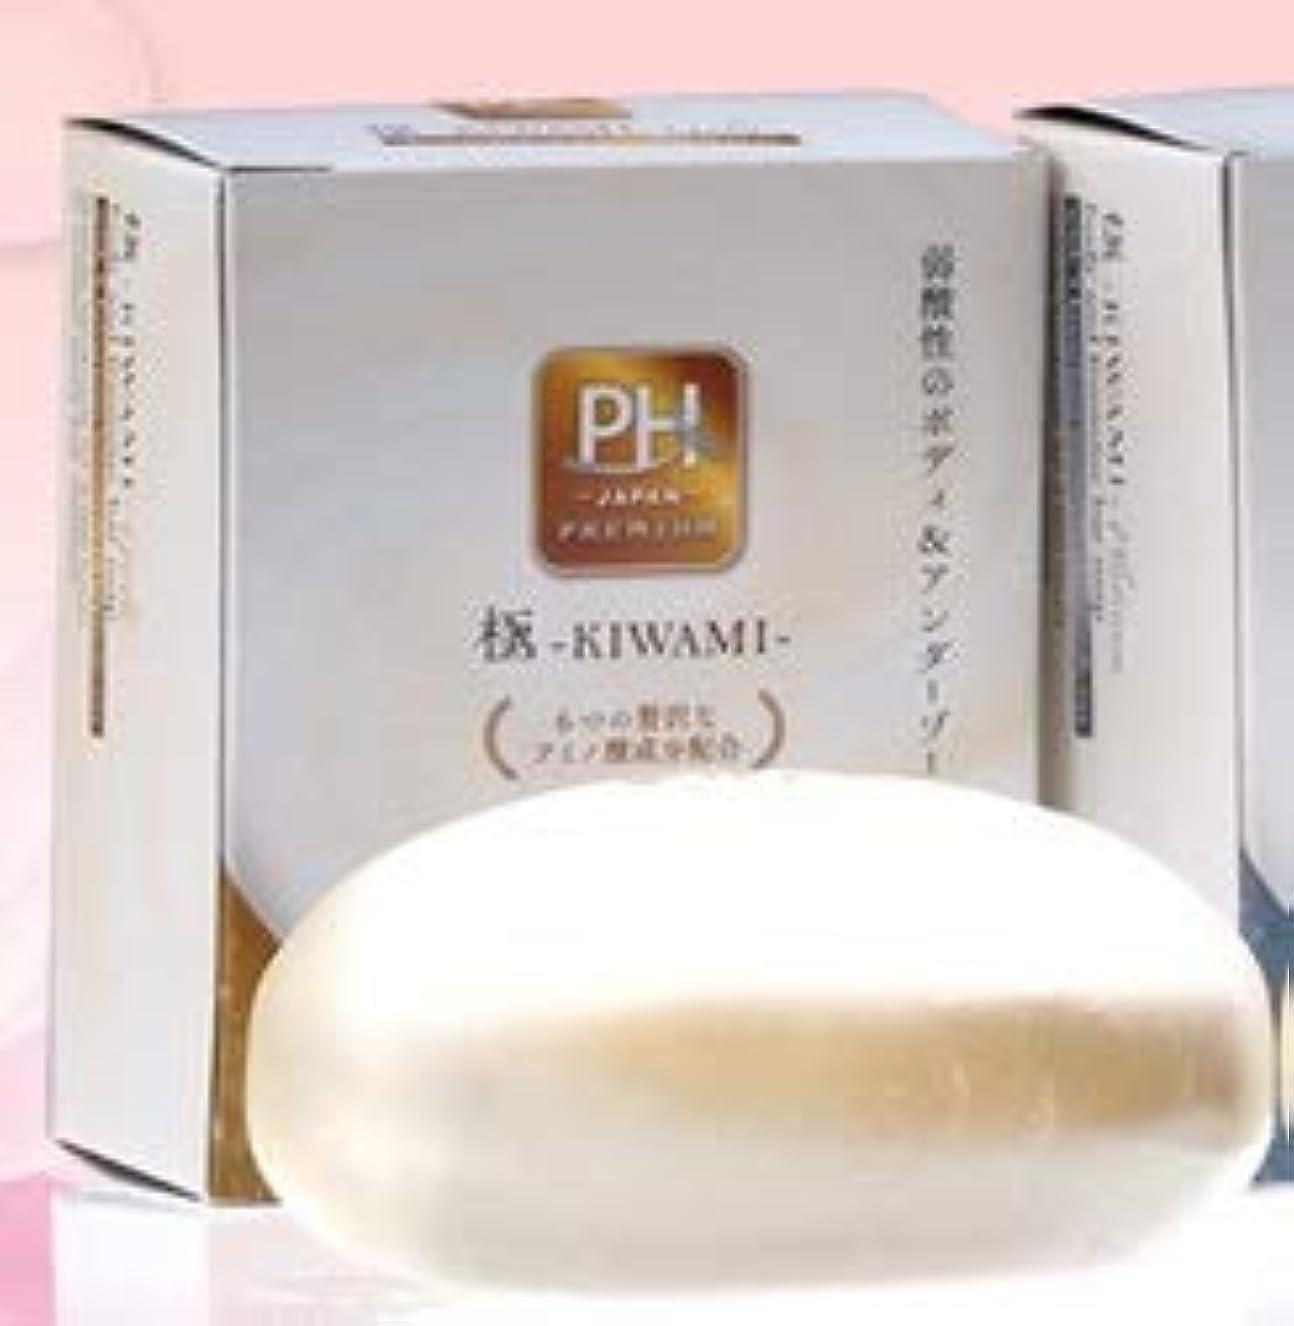 神経障害協力するより平らな弱酸性アミノ酸 透明固形石けん 極-KIWAMI-ゴールド